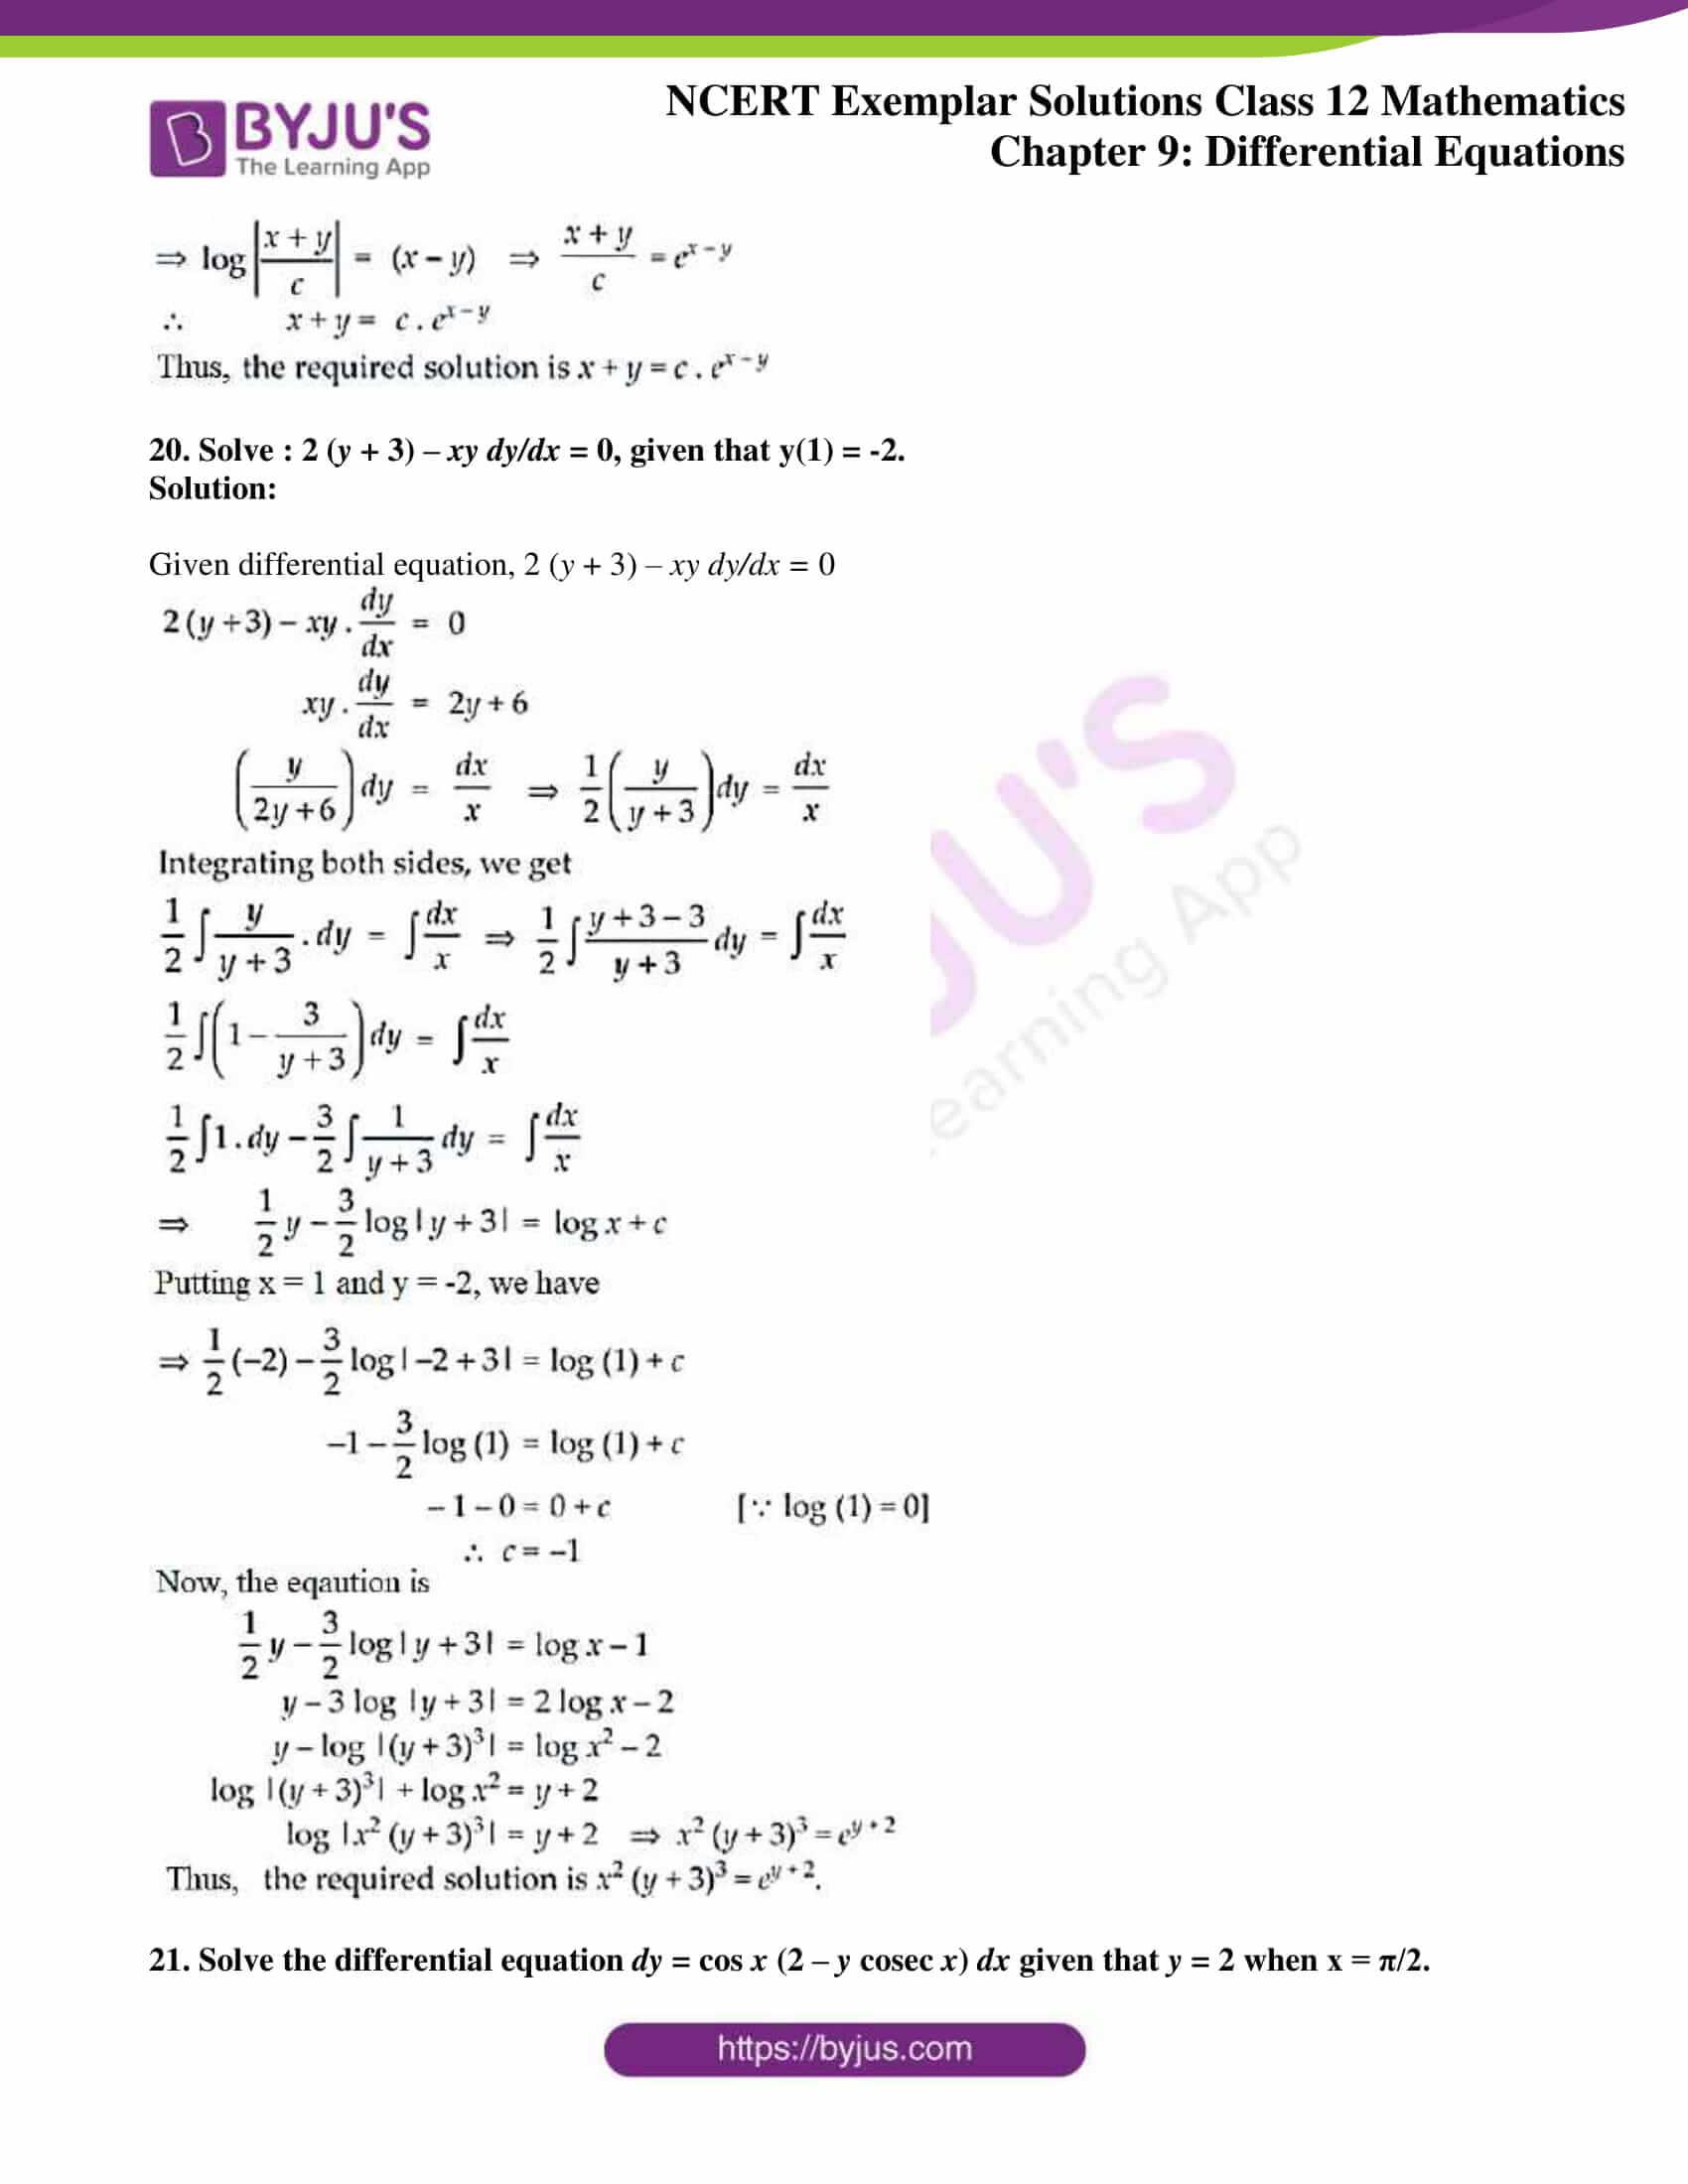 ncert exemplar sol class 12 mathematics ch 9 12